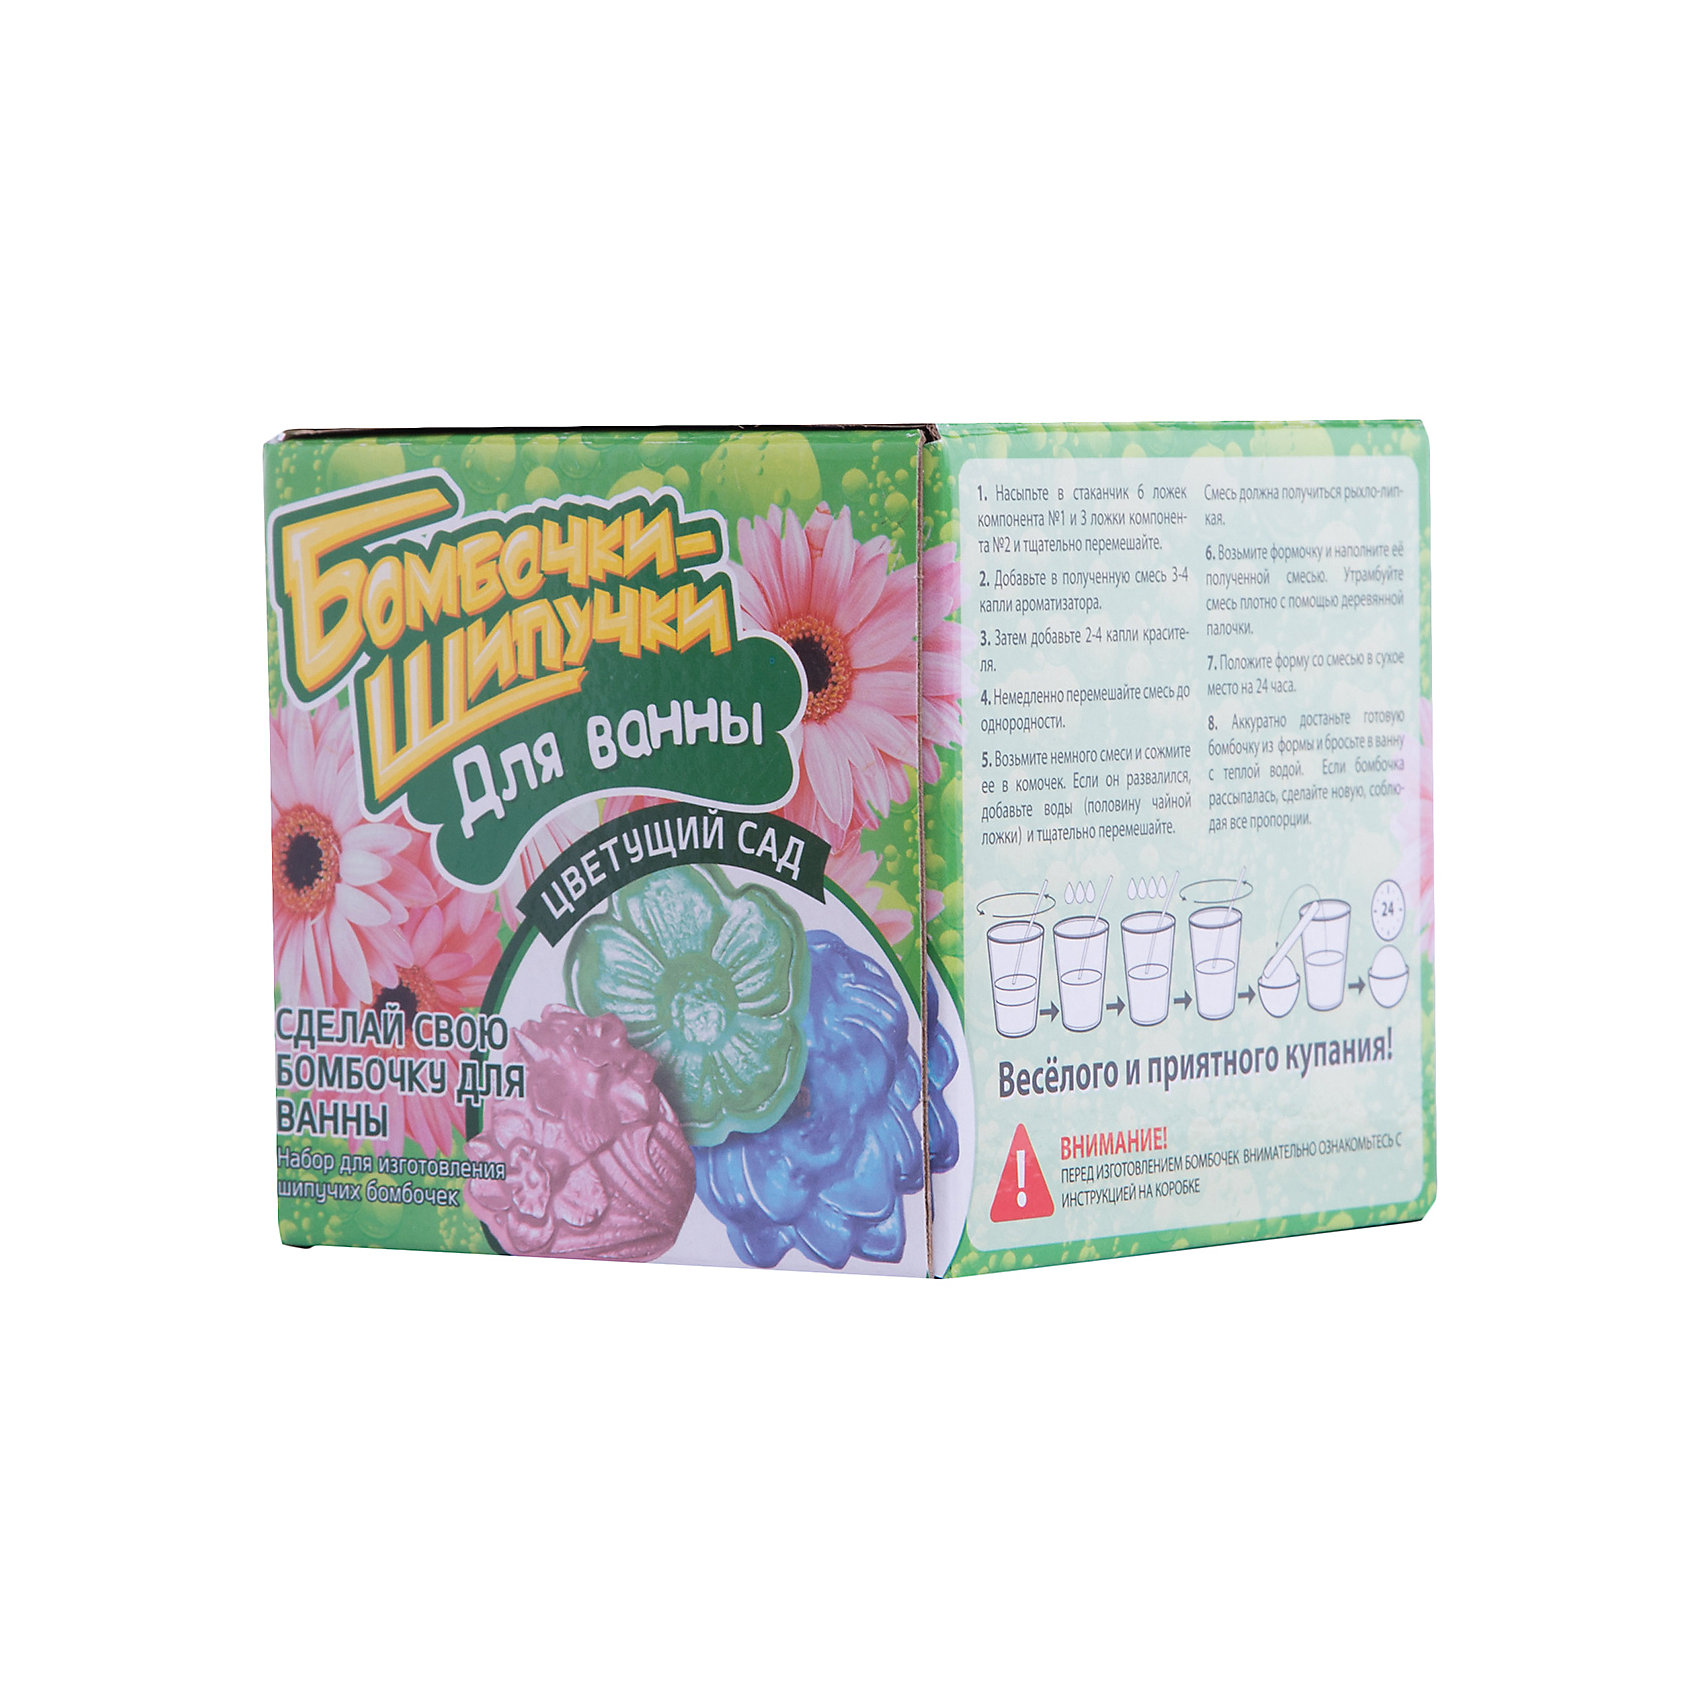 Набор Бомбочки-Шипучки. Цветущий садНабор Бомбочки-Шипучки. Цветущий сад – это набор для создания в домашних условиях самодельных бомбочек для ванн.<br>С набором Бомбочки-Шипучки. Цветущий сад можно сделать ароматные бомбочки для ванны в виде красивых цветов. Благодаря красителям и ароматизаторам, каждая из бомбочек будет отличаться по окраске и аромату. Процесс создания бомбочек абсолютно безопасен и очень увлекателен. Пошаговая инструкция, расположенная на упаковке, познакомит ребенка с последовательностью выполнения работы. Когда шипучки будут готовы, можно отправляться принимать ванну. При соприкосновении с водой бомбочки зашипят, образуя пузырьки и пушистую пену. Во время купания бомбочки наполнят ванну приятным ароматом и обогатят воду полезными веществами. В набор входят только натуральные компоненты.<br><br>Дополнительная информация:<br><br>- В наборе: формочки, емкость для перемешивания, палочки для перемешивания, ложка мерная, перчатки, натуральные компоненты для изготовления бомбочек-шипучек<br>- Размер упаковки: 12х12х12 см.<br>- Вес упаковки: 900 гр.<br><br>Набор Бомбочки-Шипучки. Цветущий сад можно купить в нашем интернет-магазине.<br><br>Ширина мм: 120<br>Глубина мм: 120<br>Высота мм: 120<br>Вес г: 900<br>Возраст от месяцев: 120<br>Возраст до месяцев: 168<br>Пол: Унисекс<br>Возраст: Детский<br>SKU: 4143794